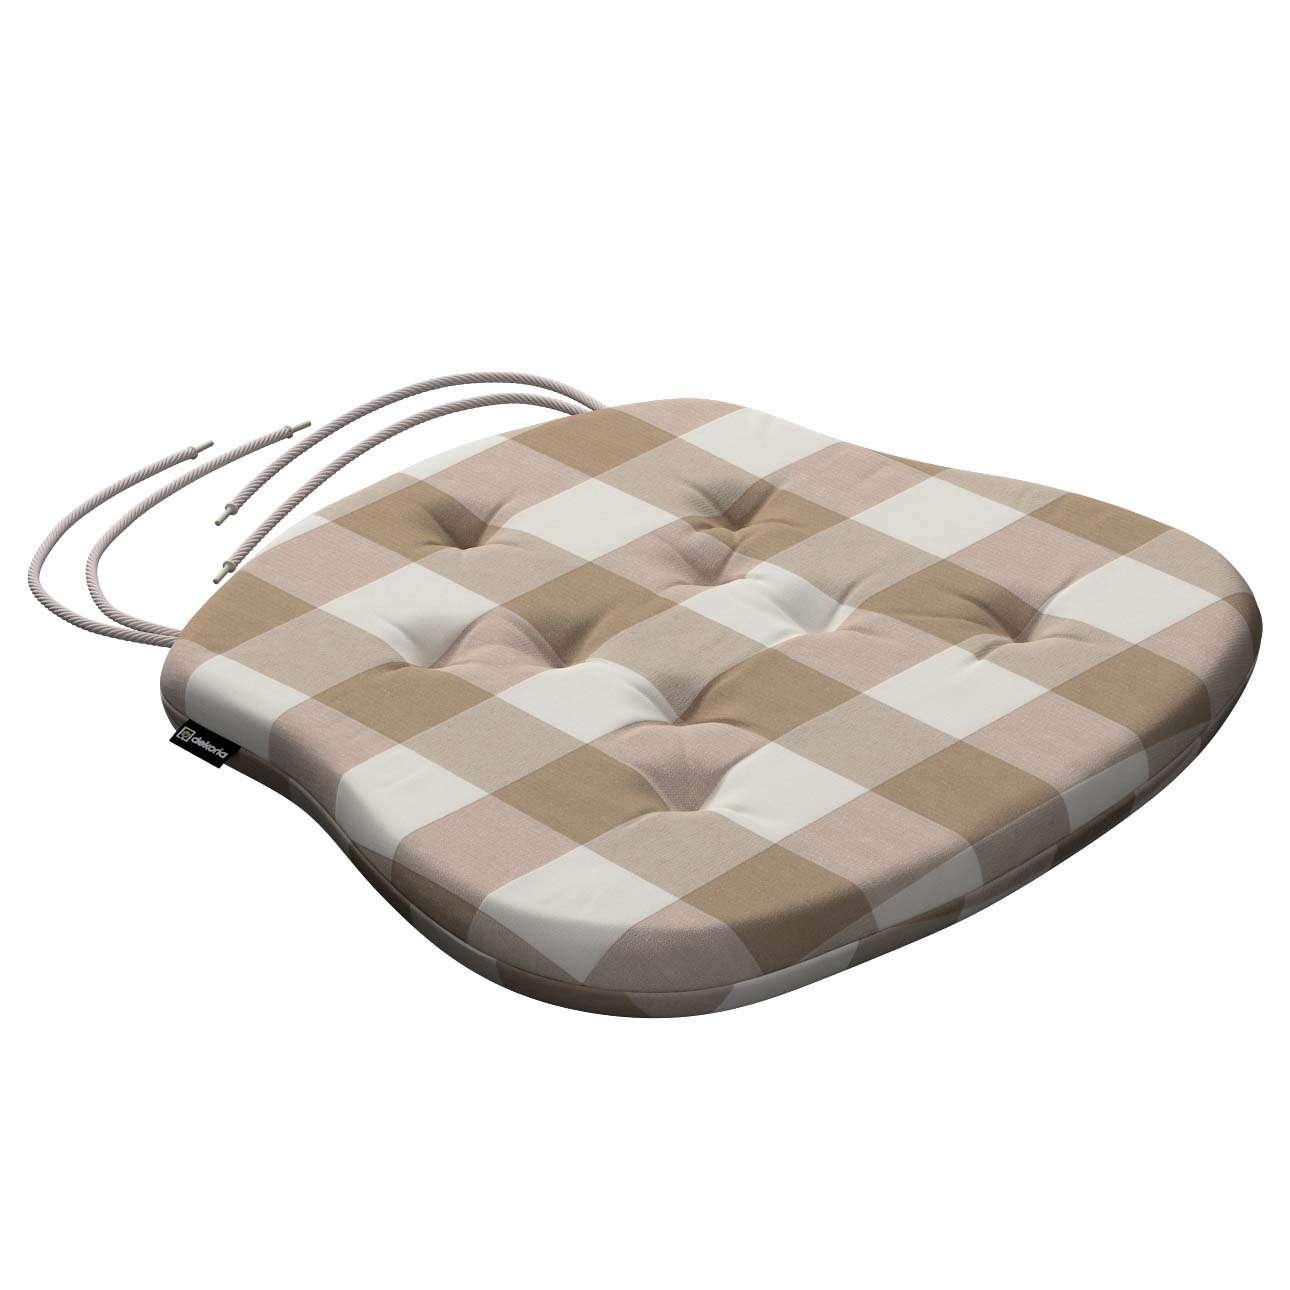 Kėdės pagalvėlė Filip  41 x 38 x 3,5 cm kolekcijoje Quadro, audinys: 136-08